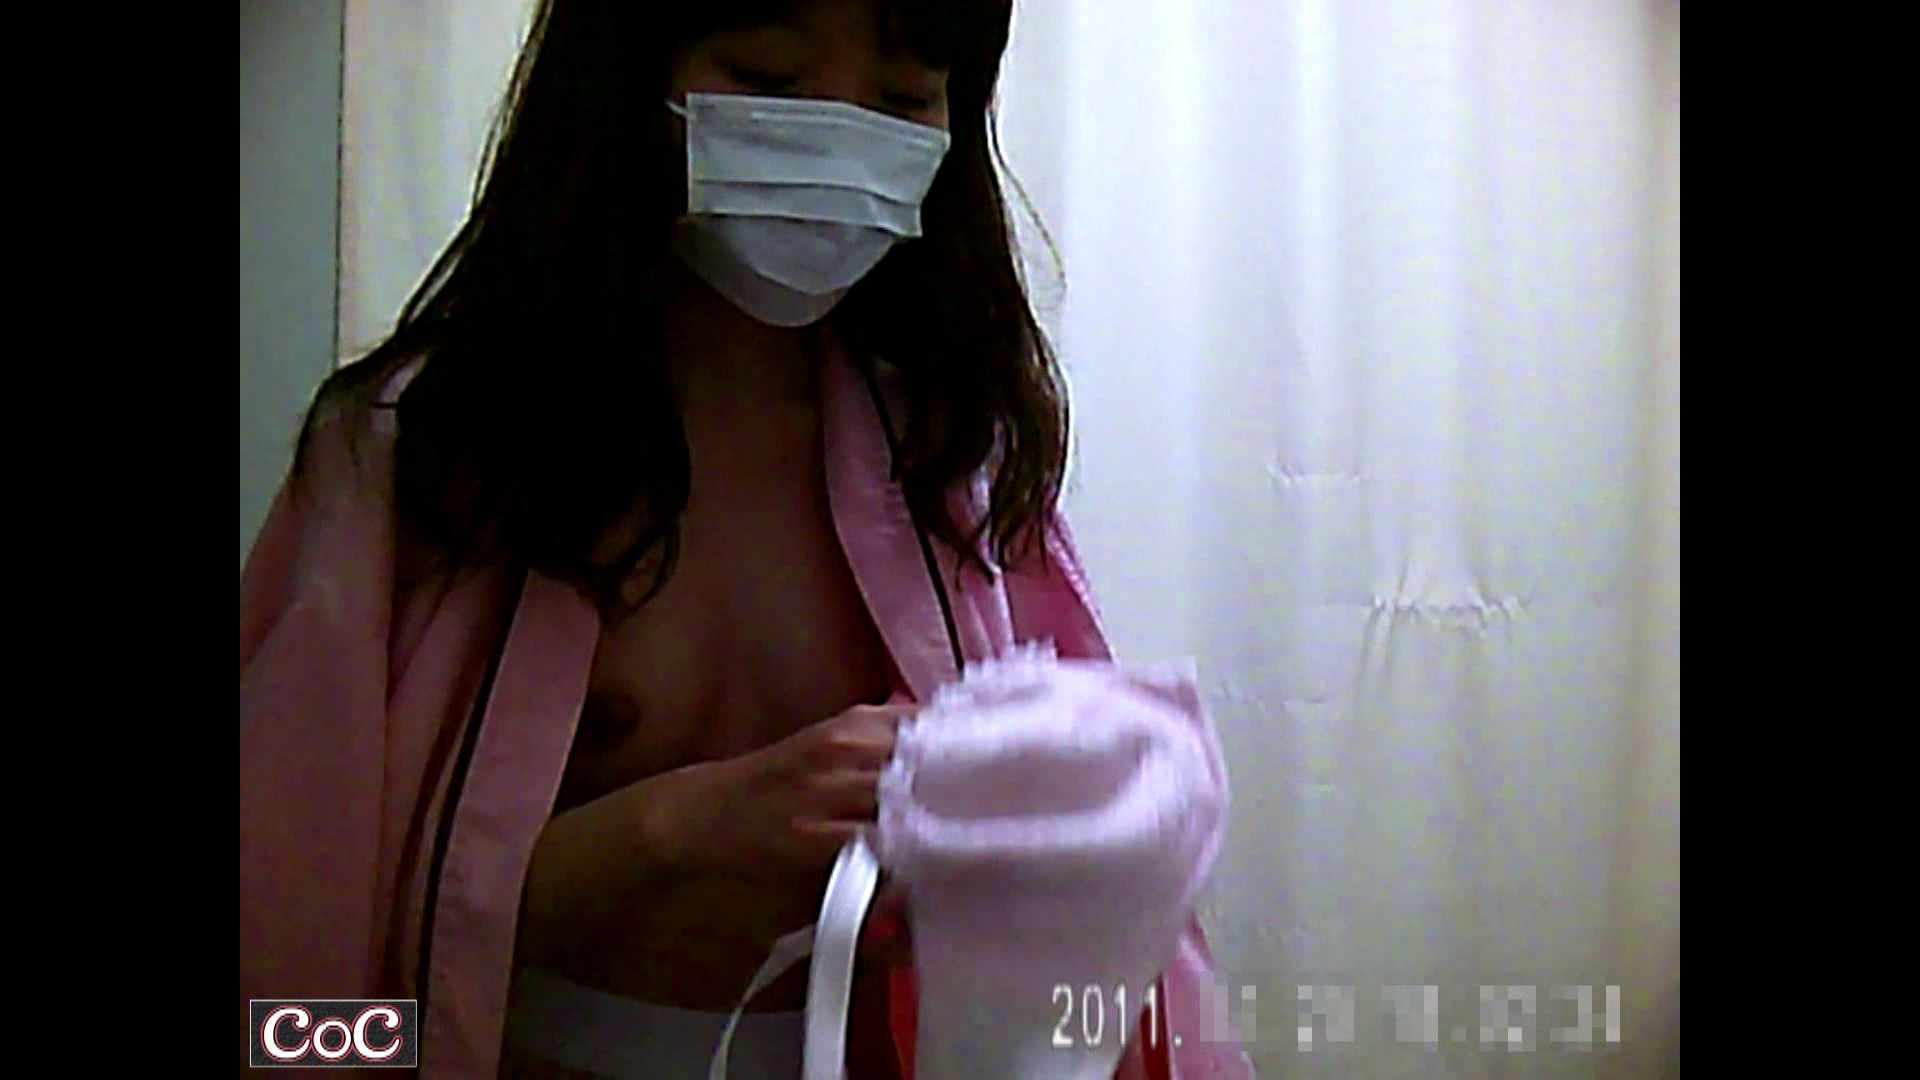 病院おもいっきり着替え! vol.04 OLエロ画像 盗撮セックス無修正動画無料 113PICs 65